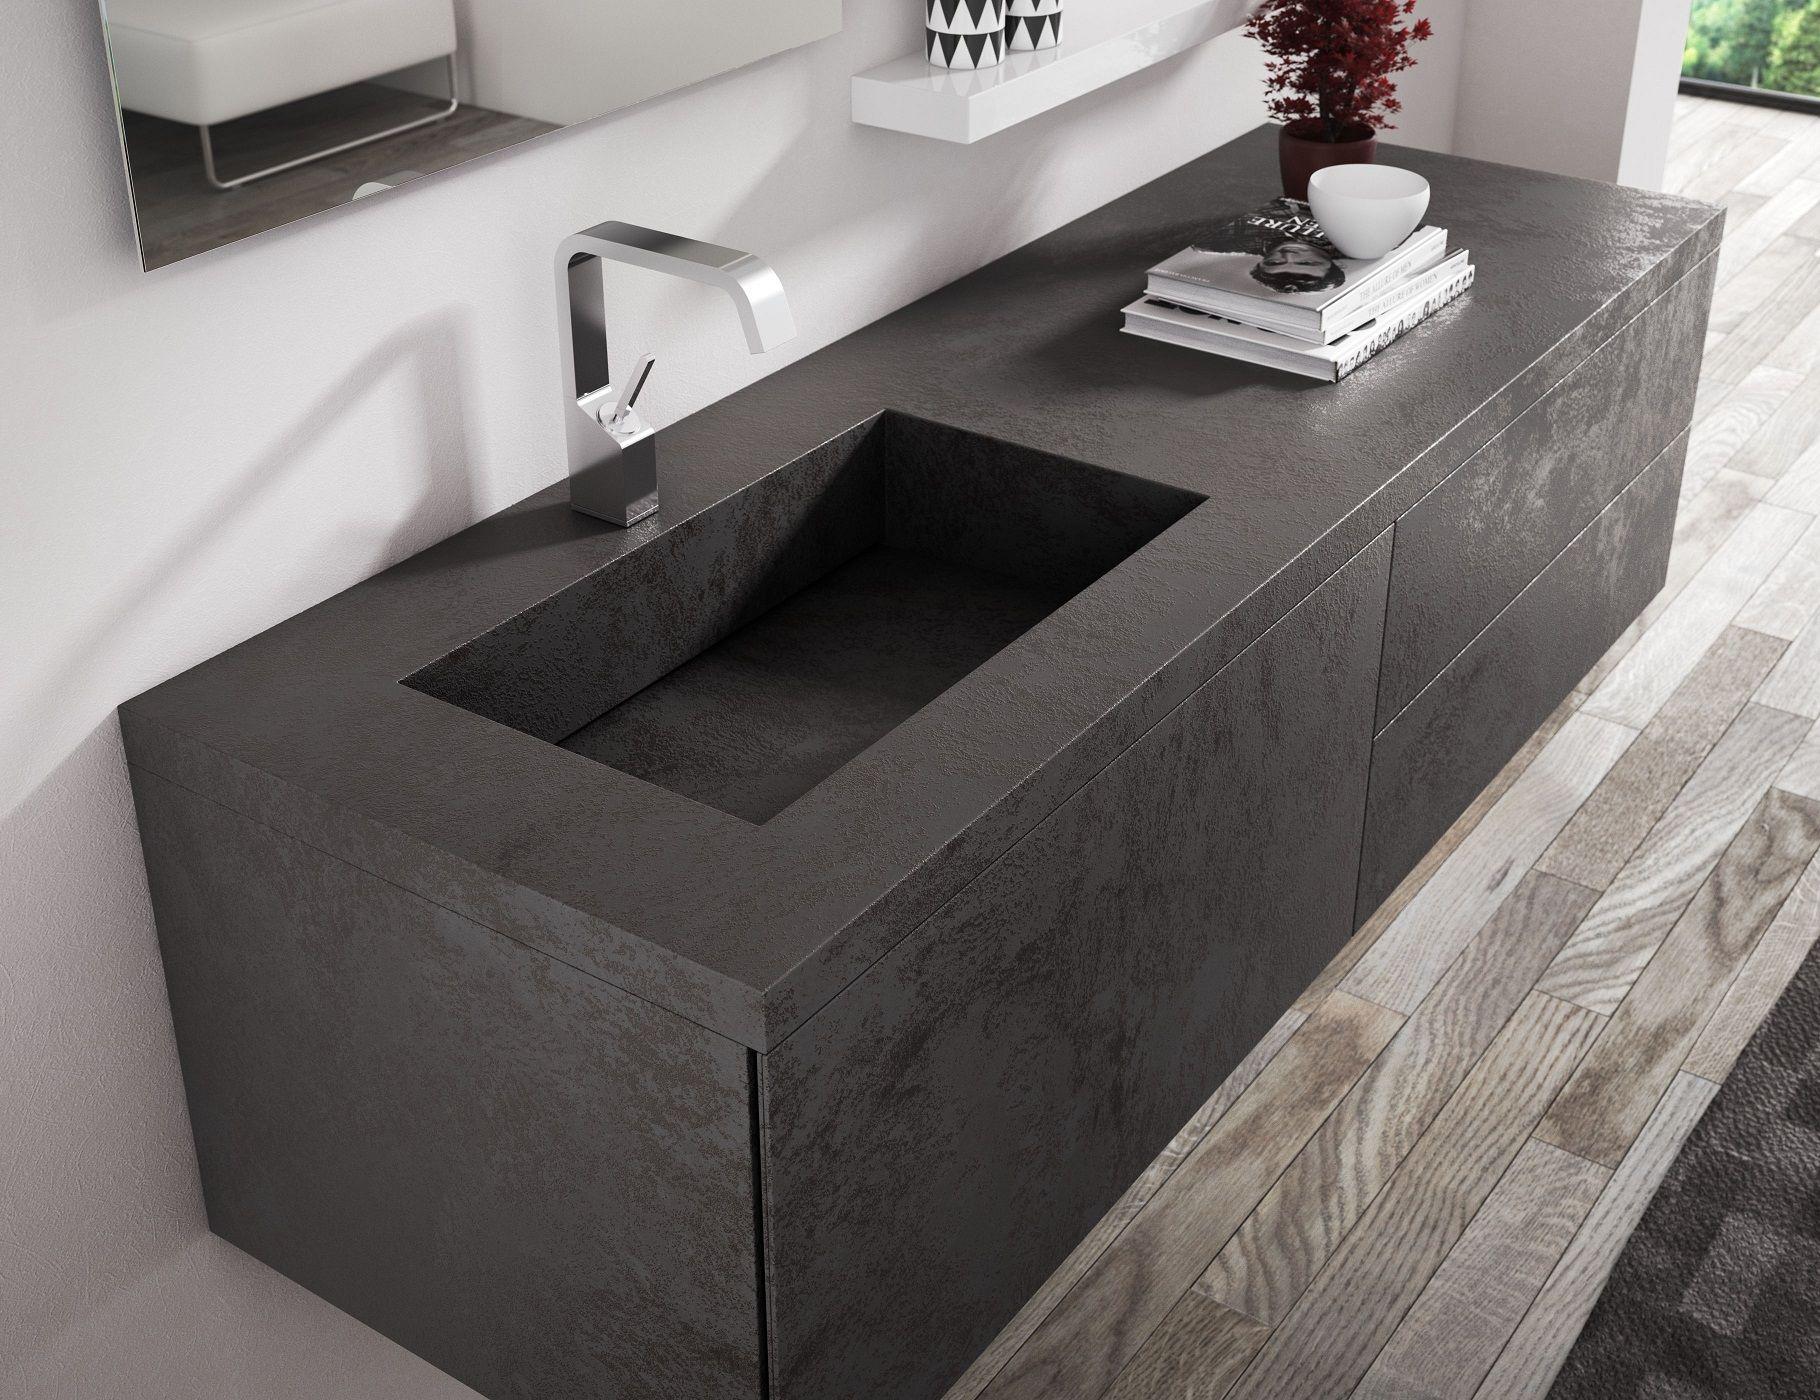 Top l 161 p 54 h 4 cm in laminam oxide nero con vasca - Lavandino bagno nero ...